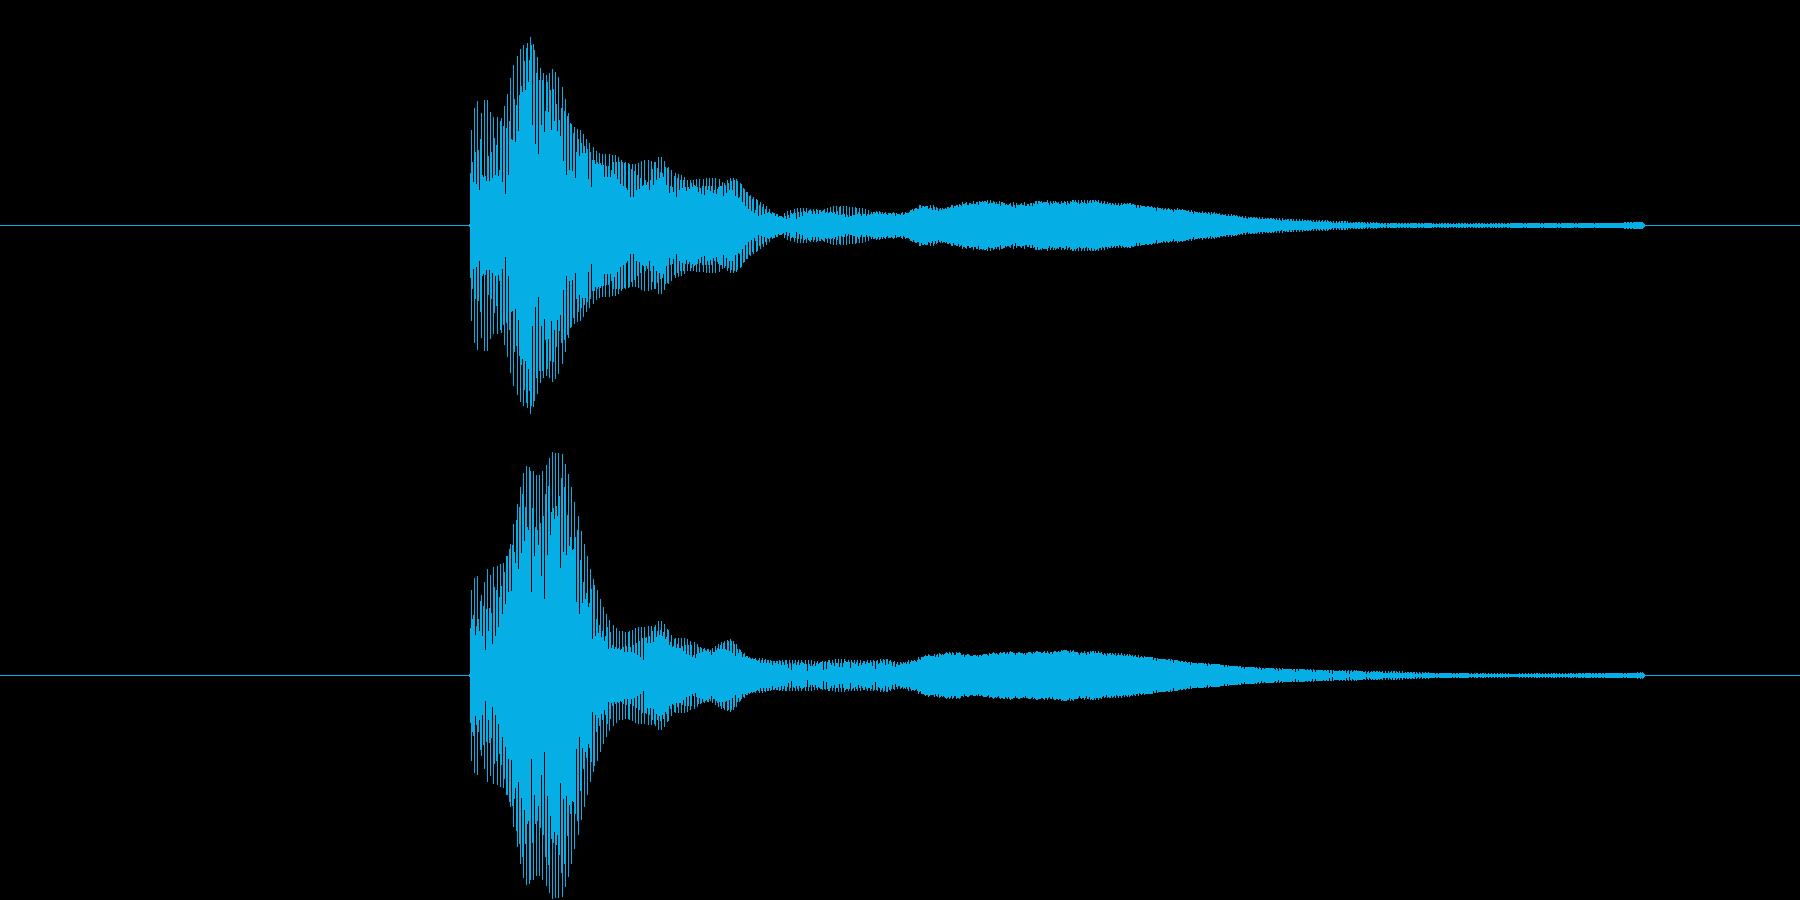 ぽよーん、という軽い音です。の再生済みの波形